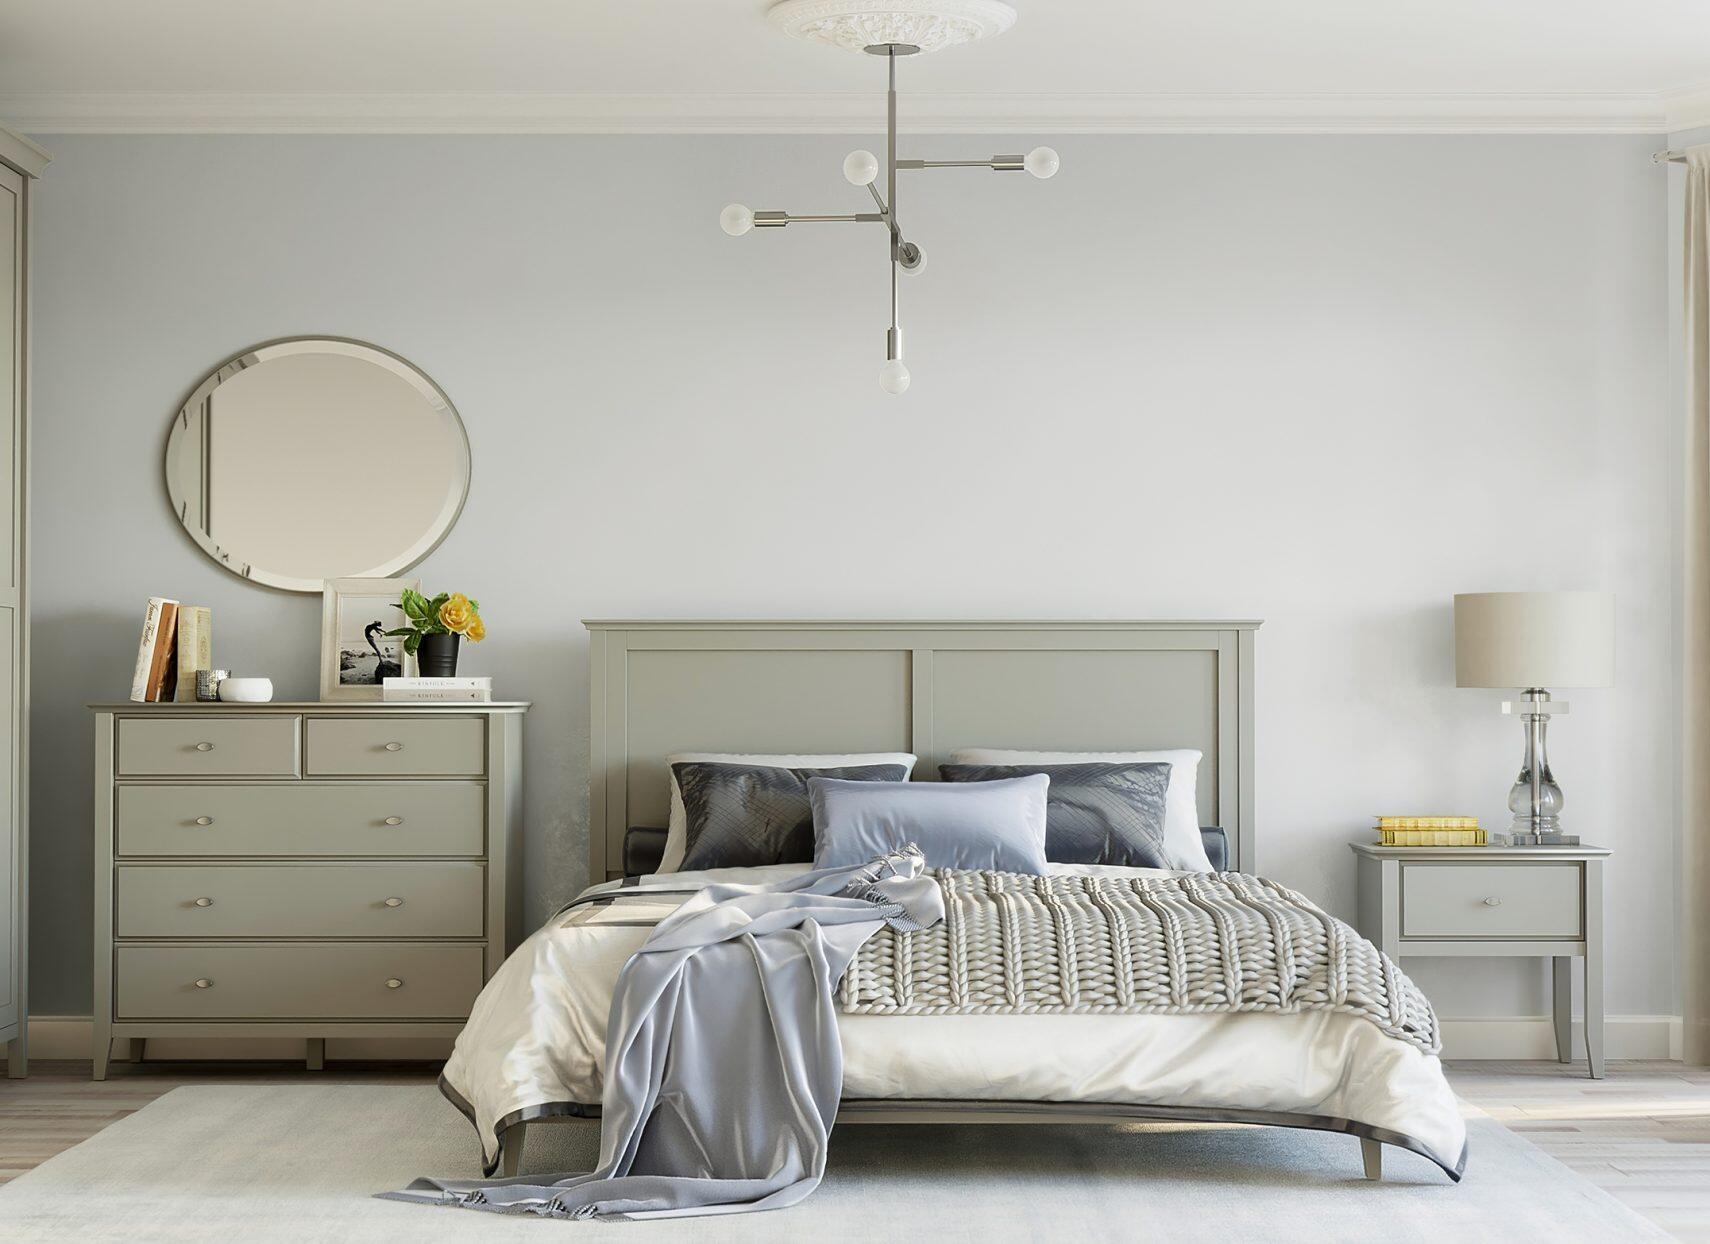 Как расставить мебель в комнате?